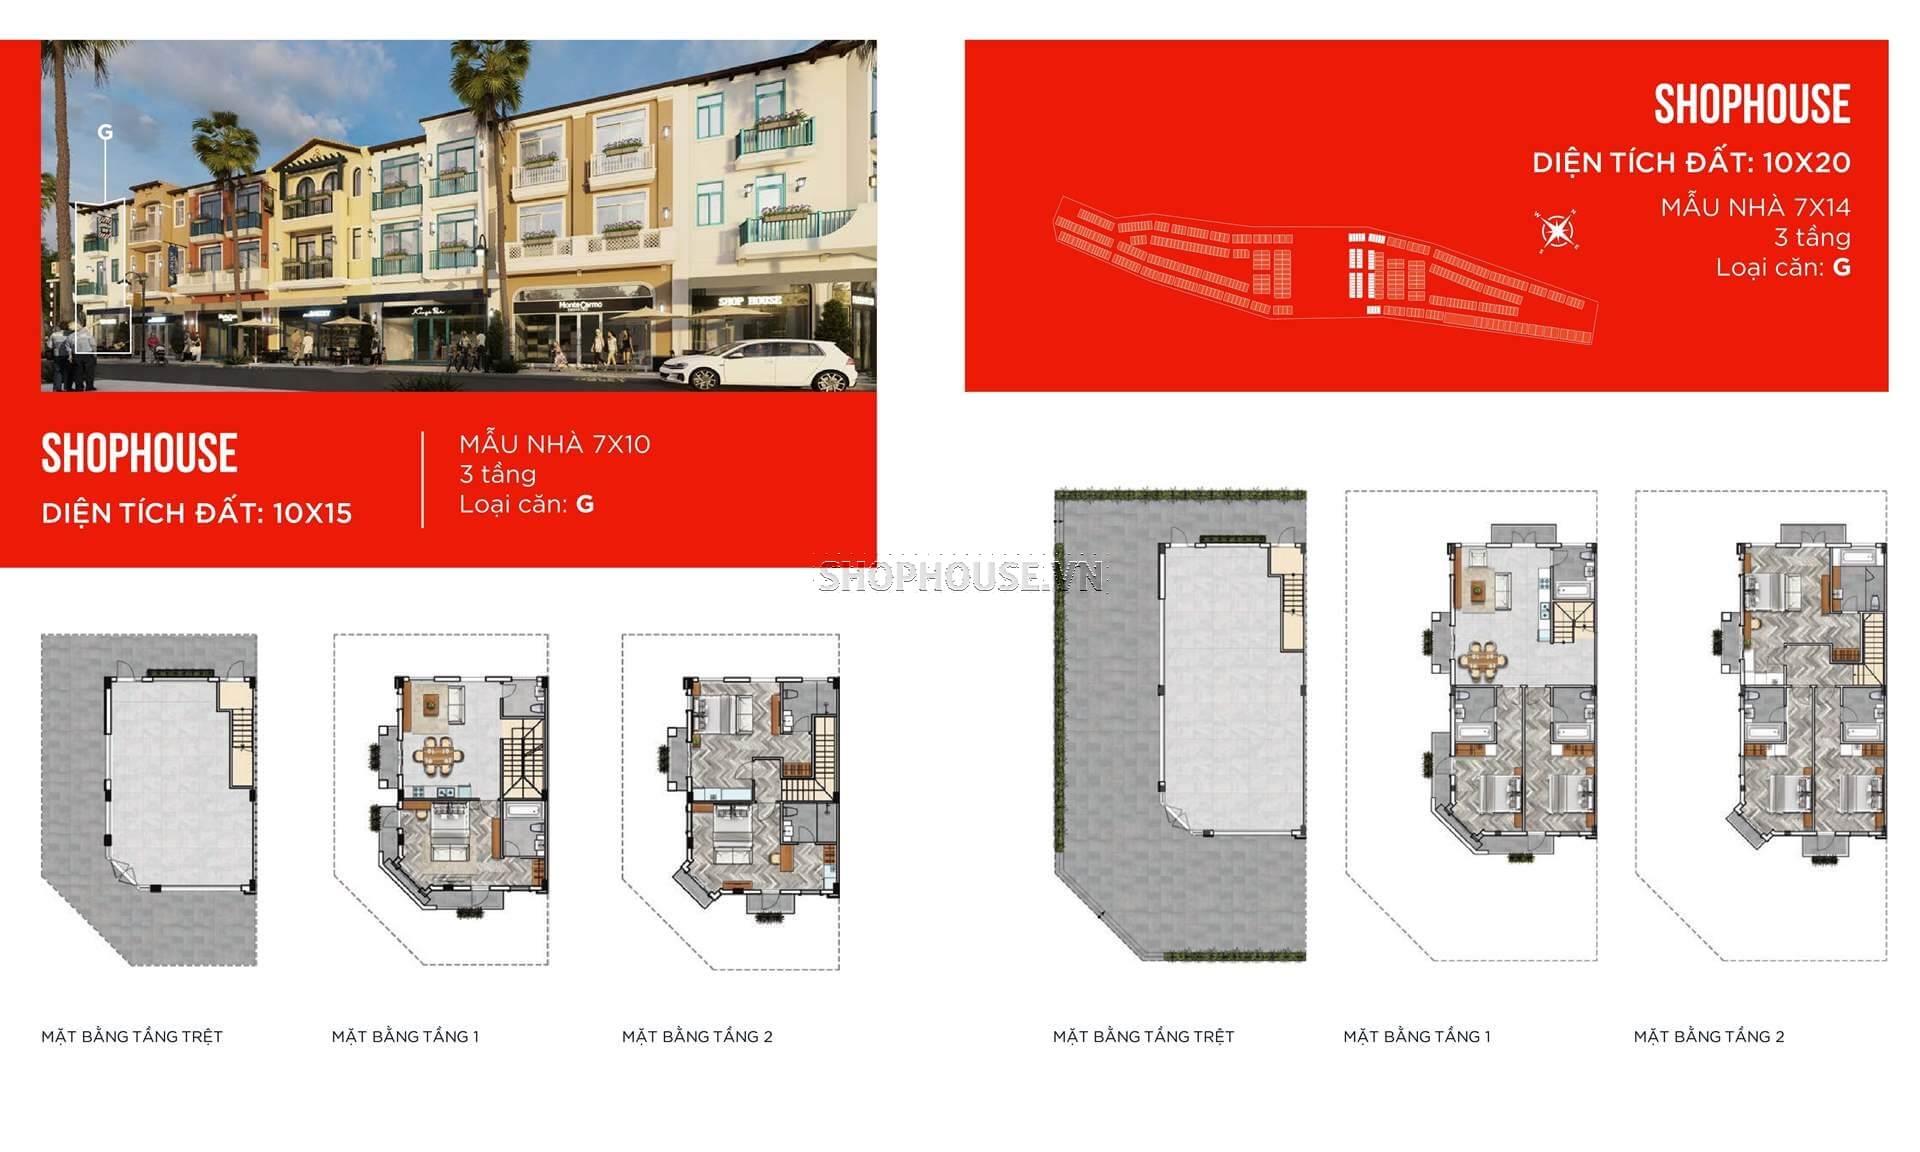 ban-ve-thiet-ke-shophouse-thuong-mai-habana-island-dien-tich-10x15-mau-nha-G